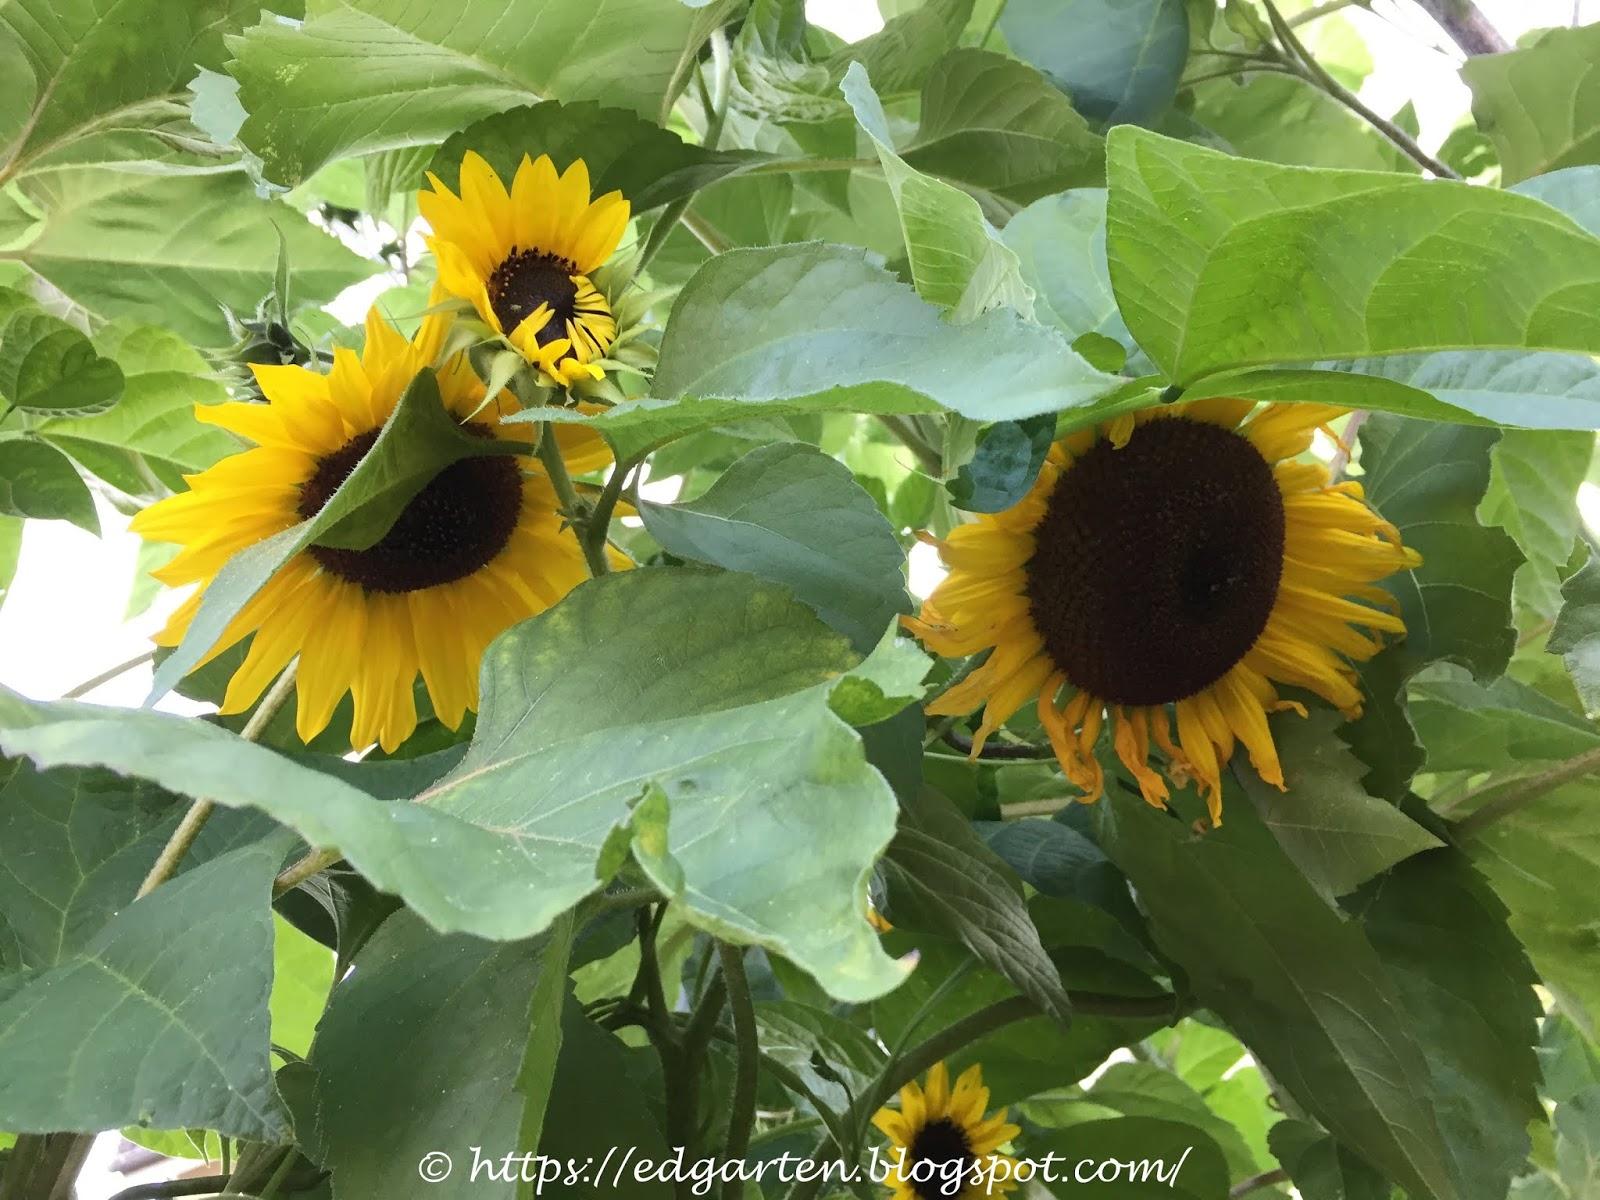 Edgarten Gartenblog Können Bohnen An Sonnenblumen